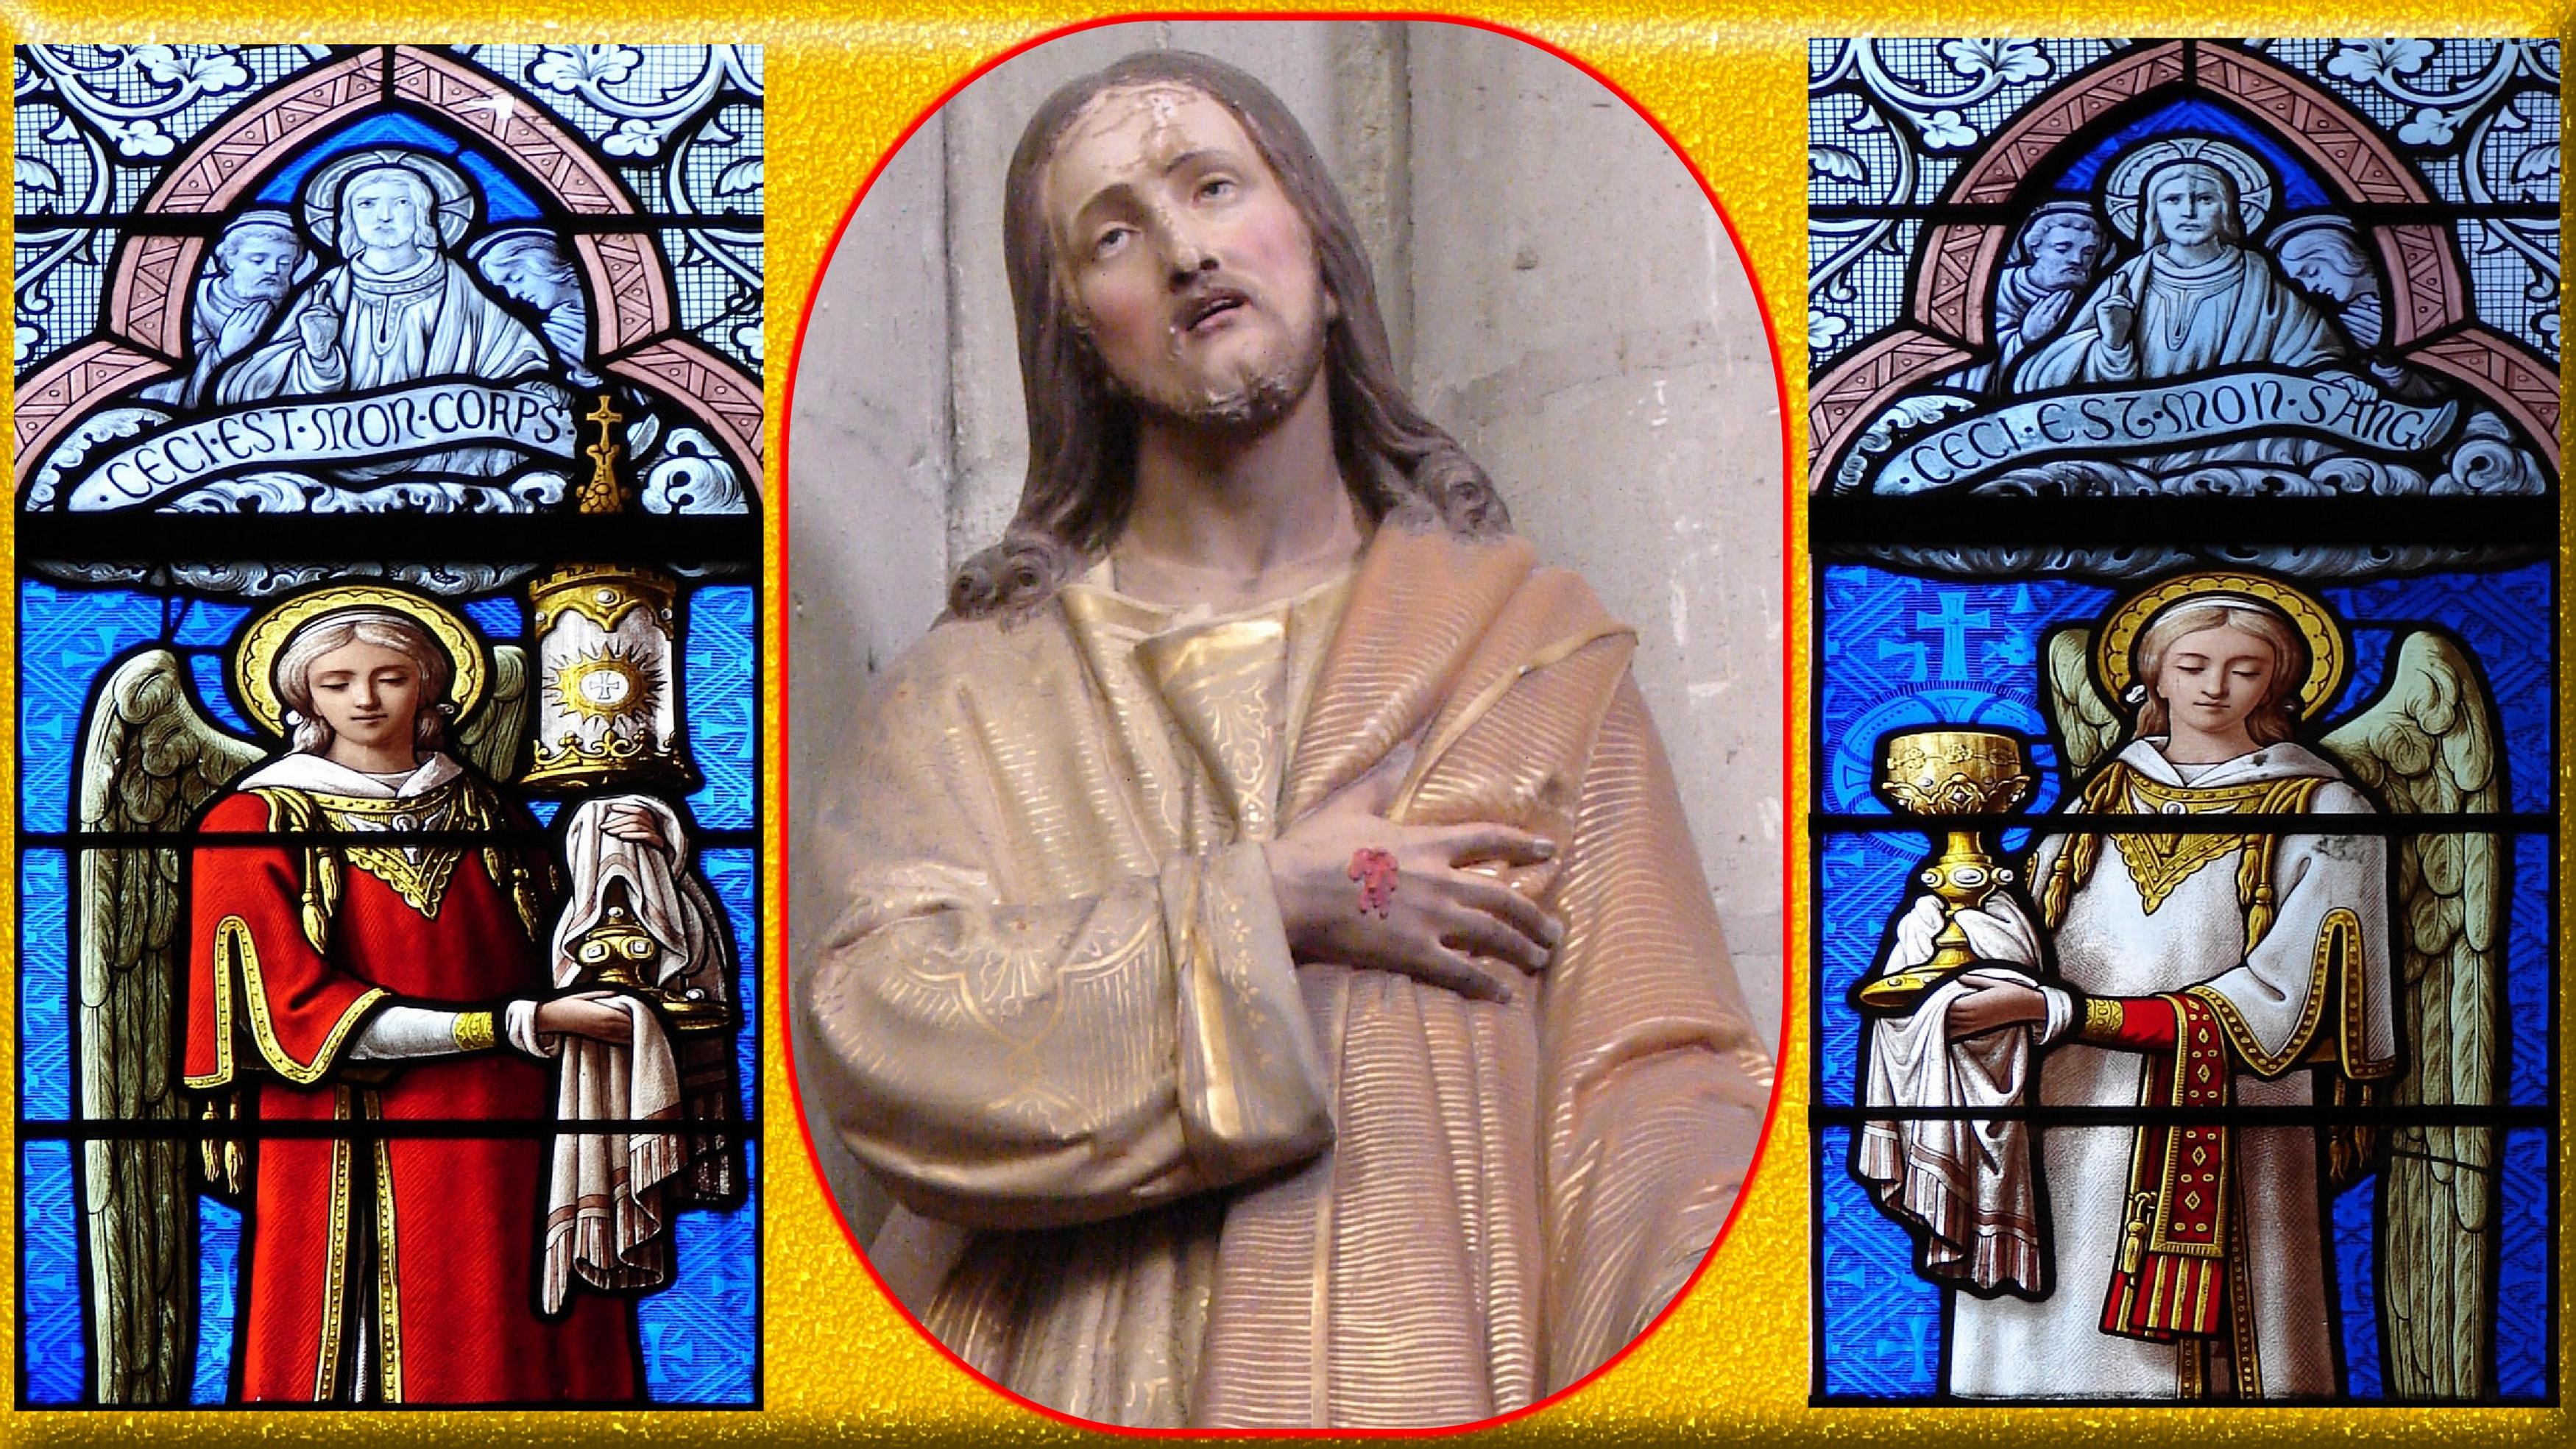 CALENDRIER CATHOLIQUE 2020 (Cantiques, Prières & Images) - Page 6 J-sus-outrag-au-s...acrement-57143eb